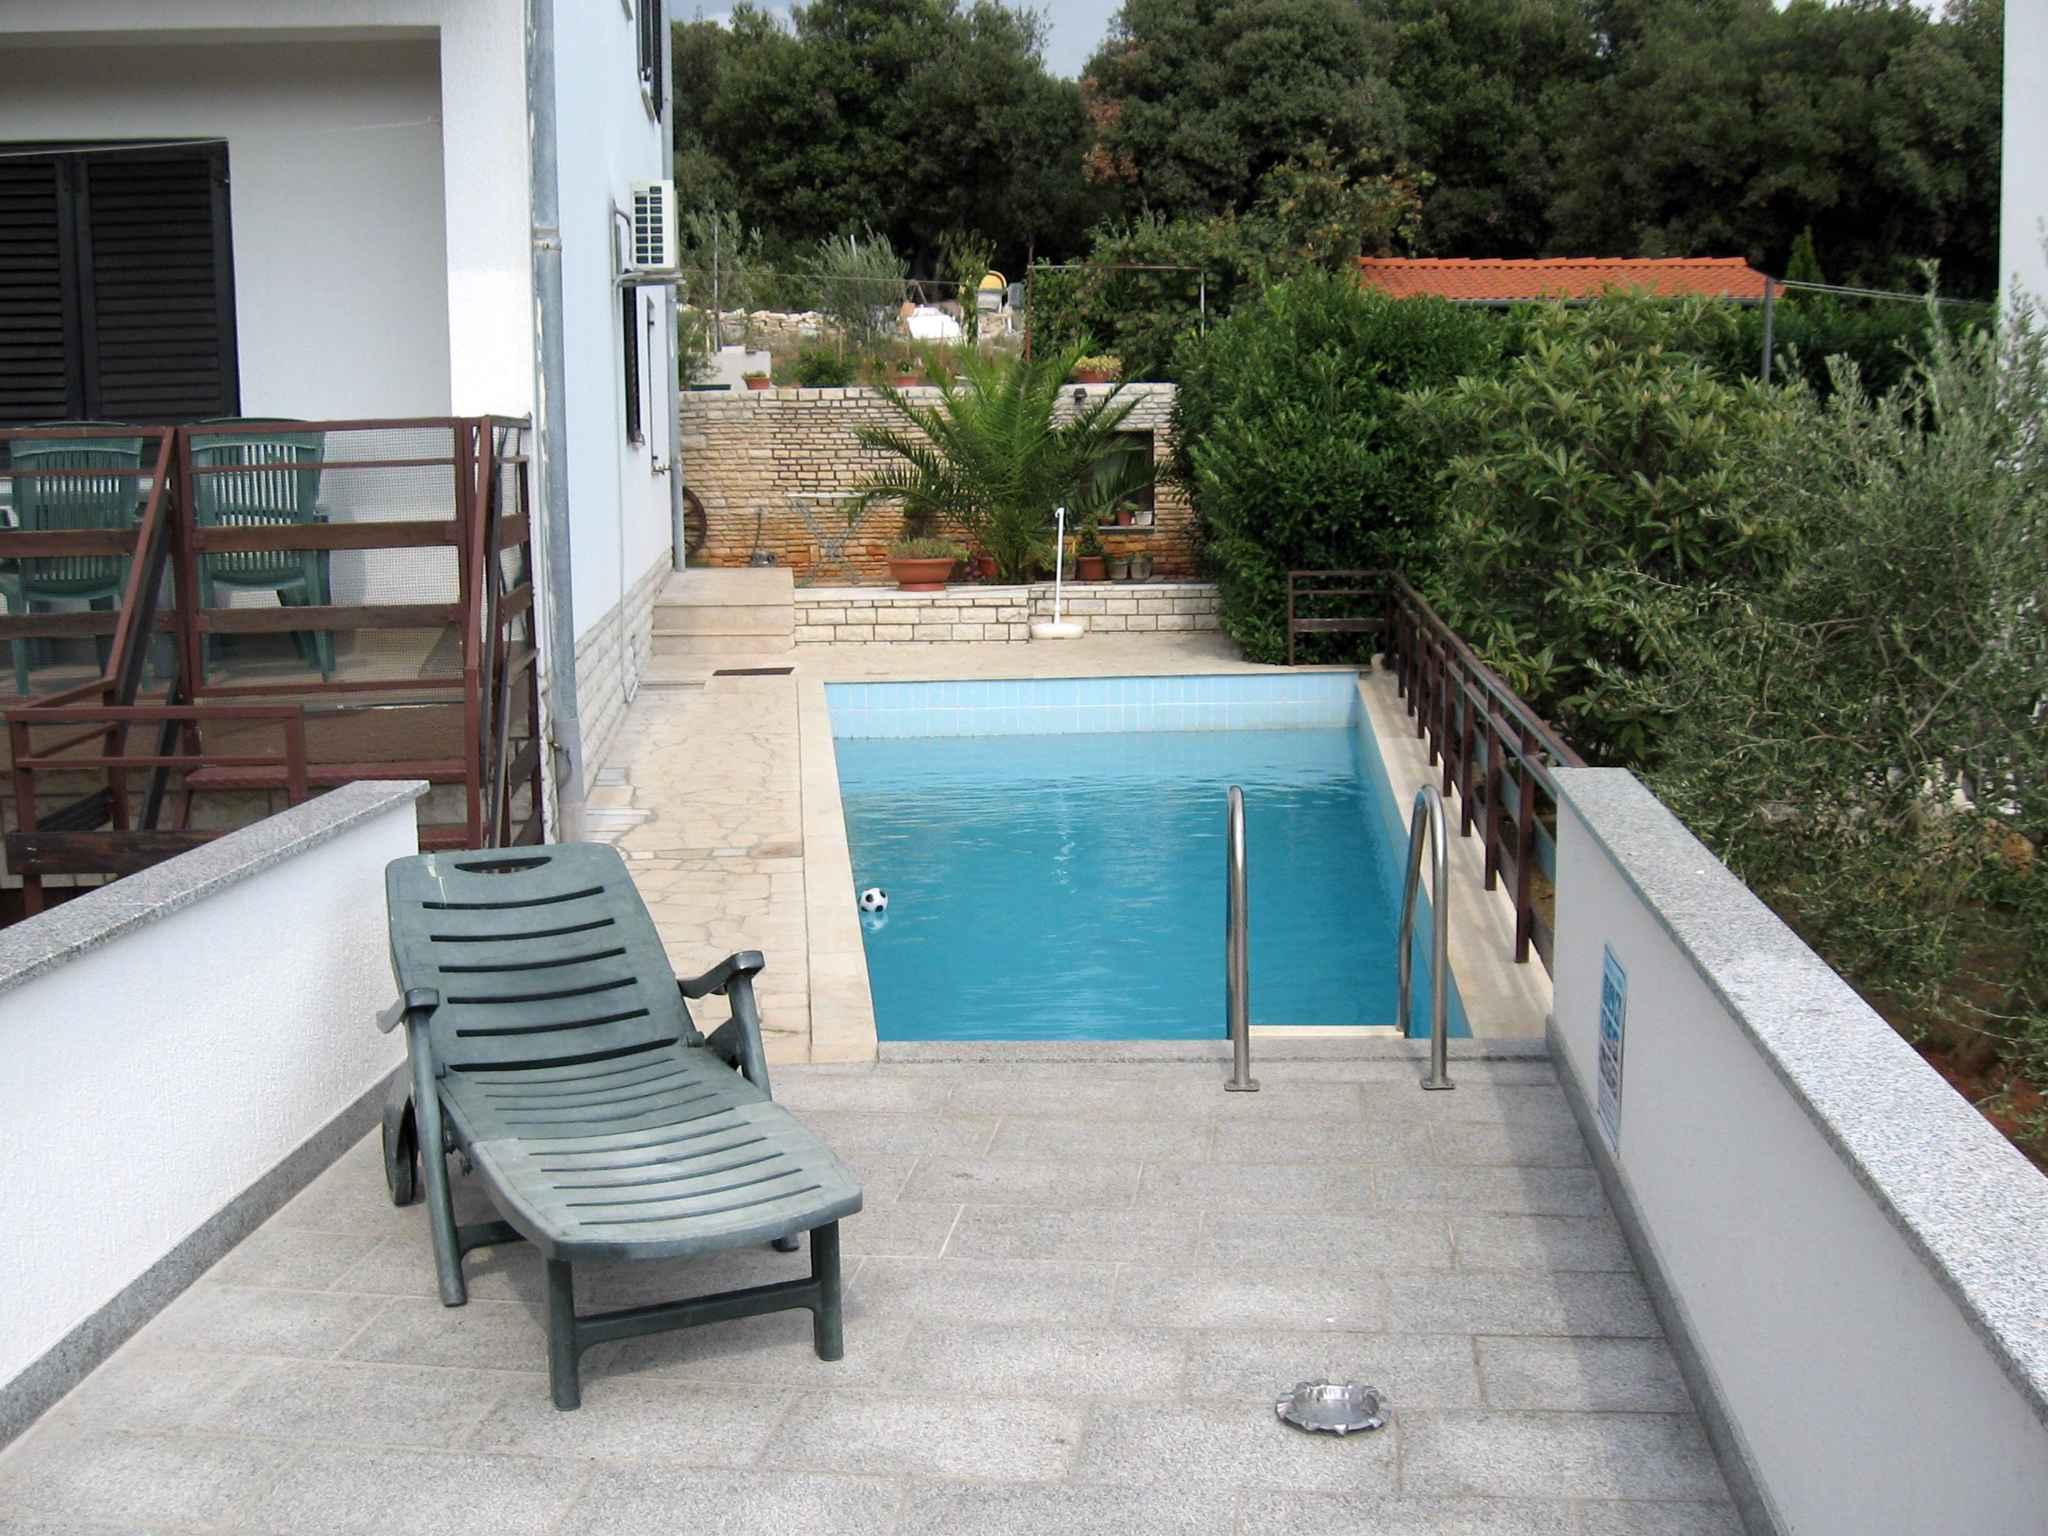 Ferienwohnung mit Pool (280707), Pula, , Istrien, Kroatien, Bild 4